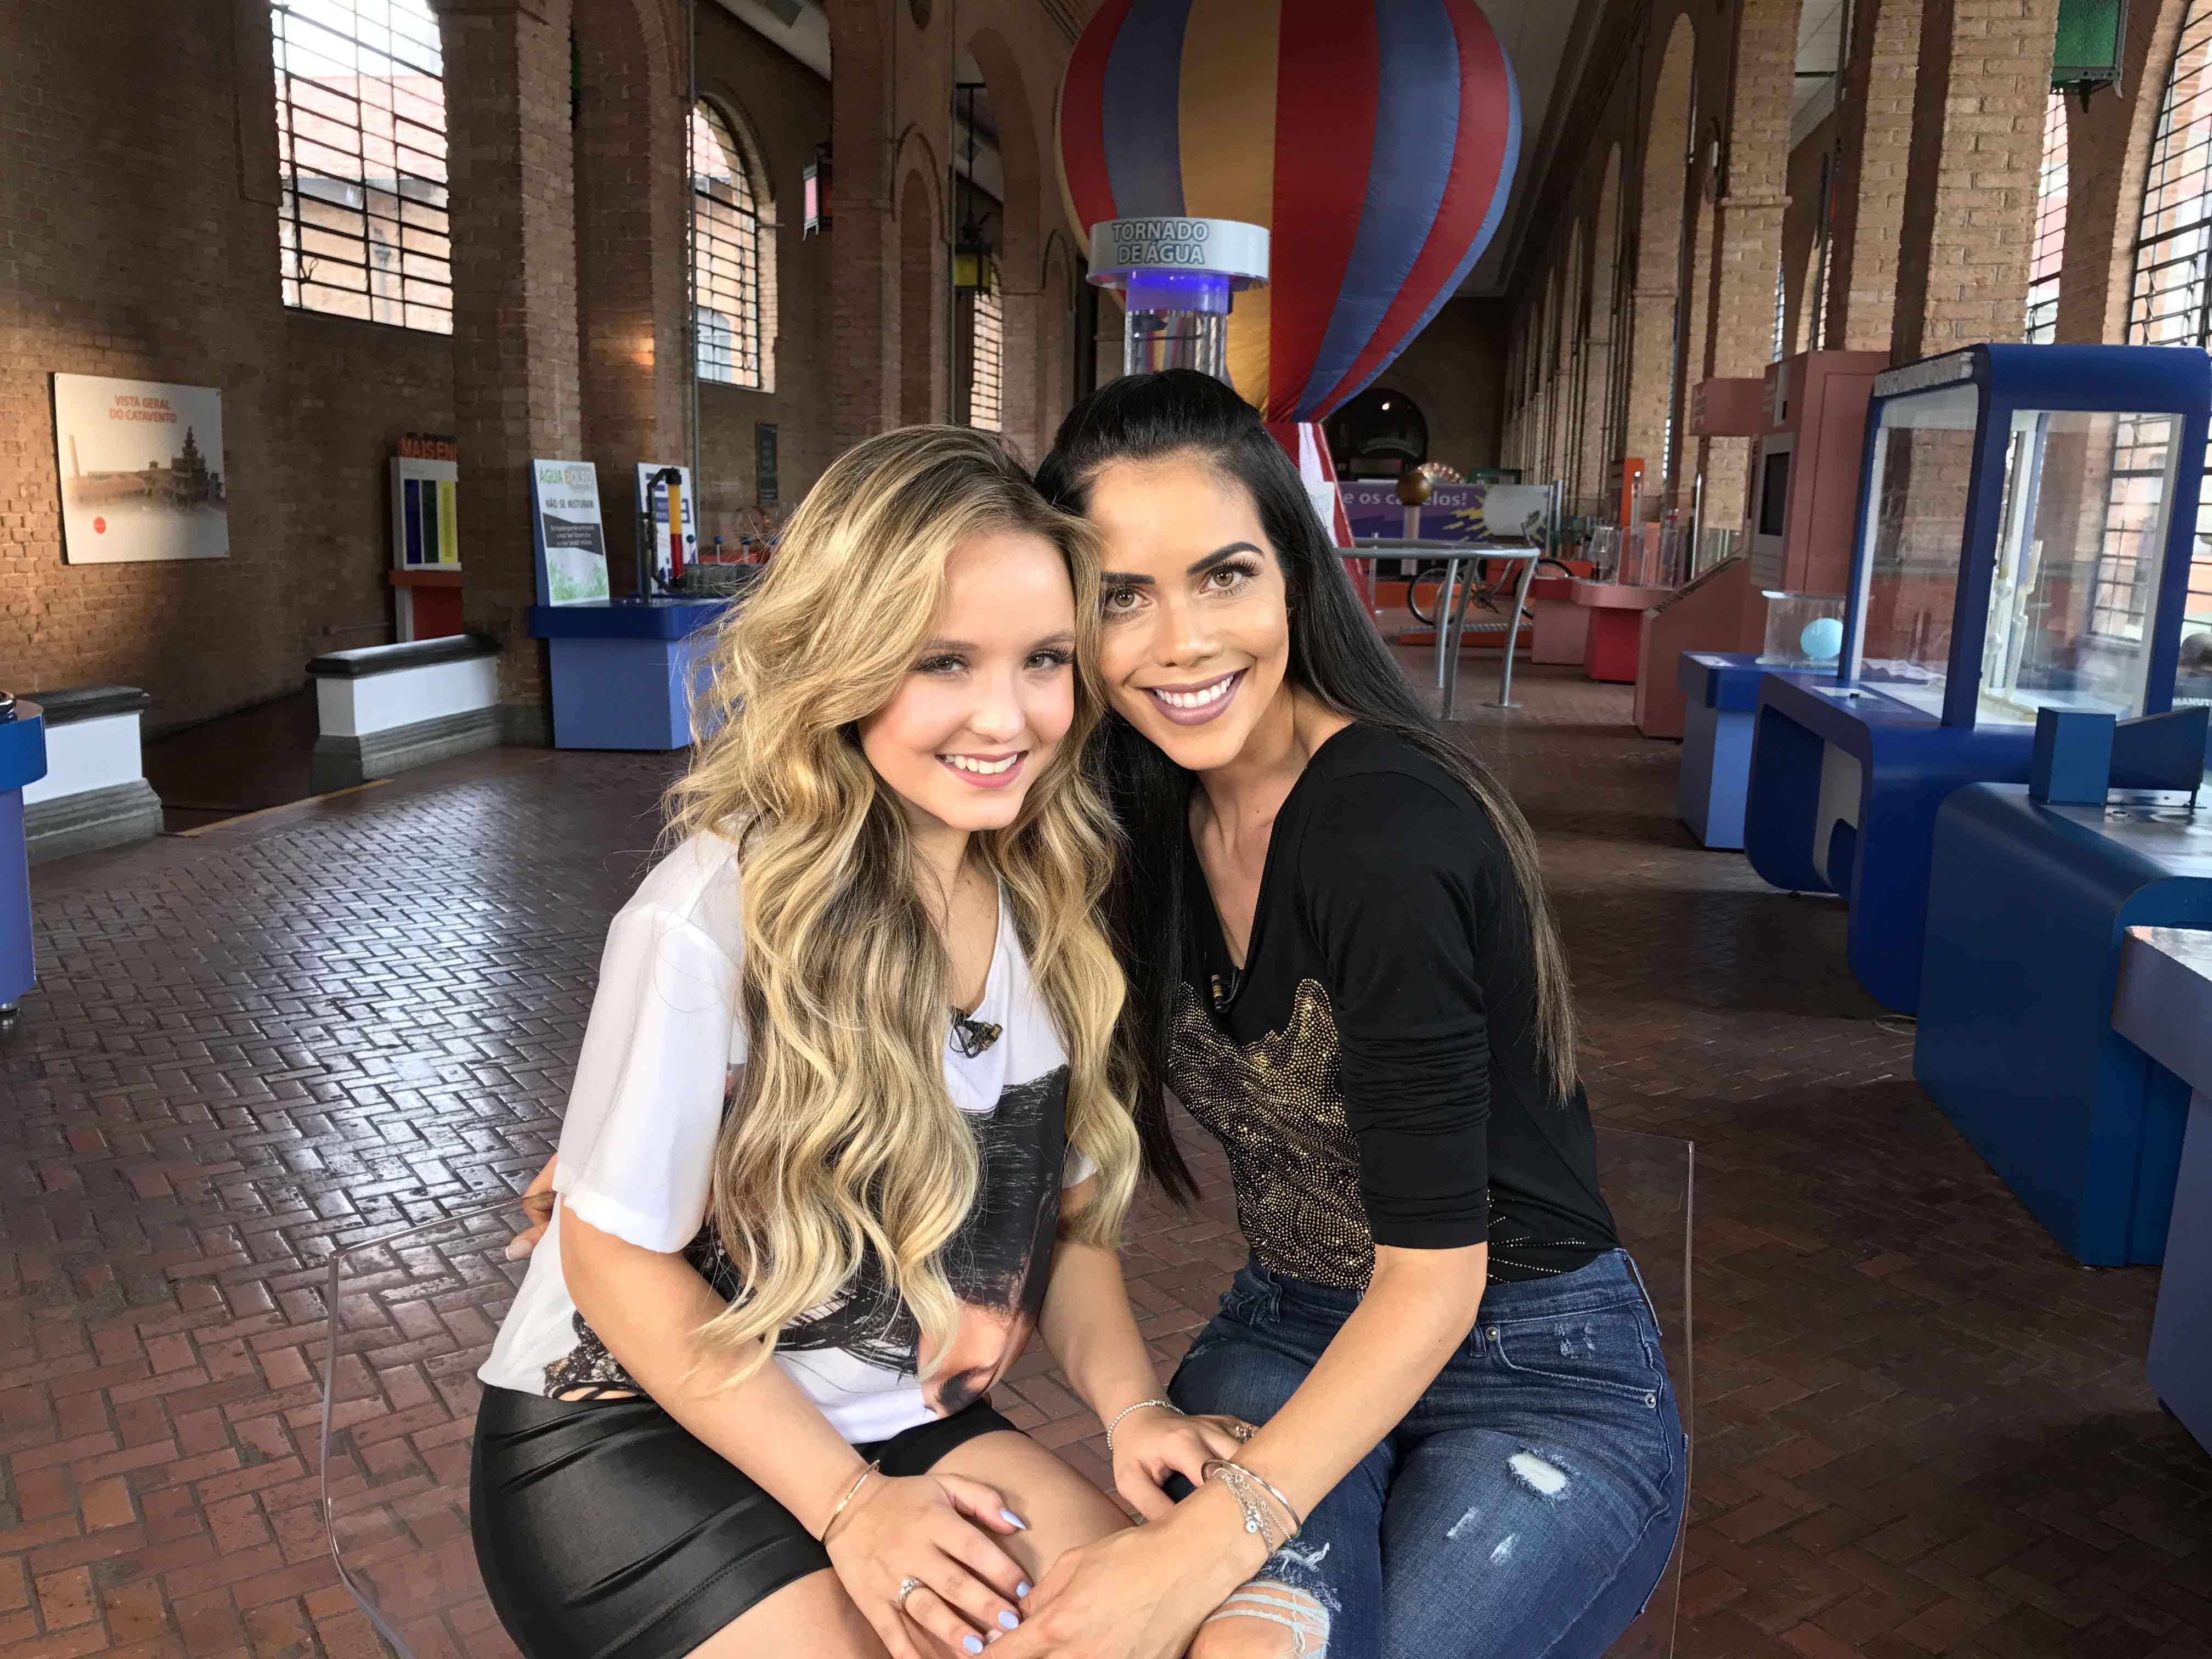 A apresentadora Daniela Albuquerque e a atriz Larissa Manoela se  encontraram no Museu Catavento, em São Paulo, para um bate-papo divertido e  repleto de ... 28baa002f4